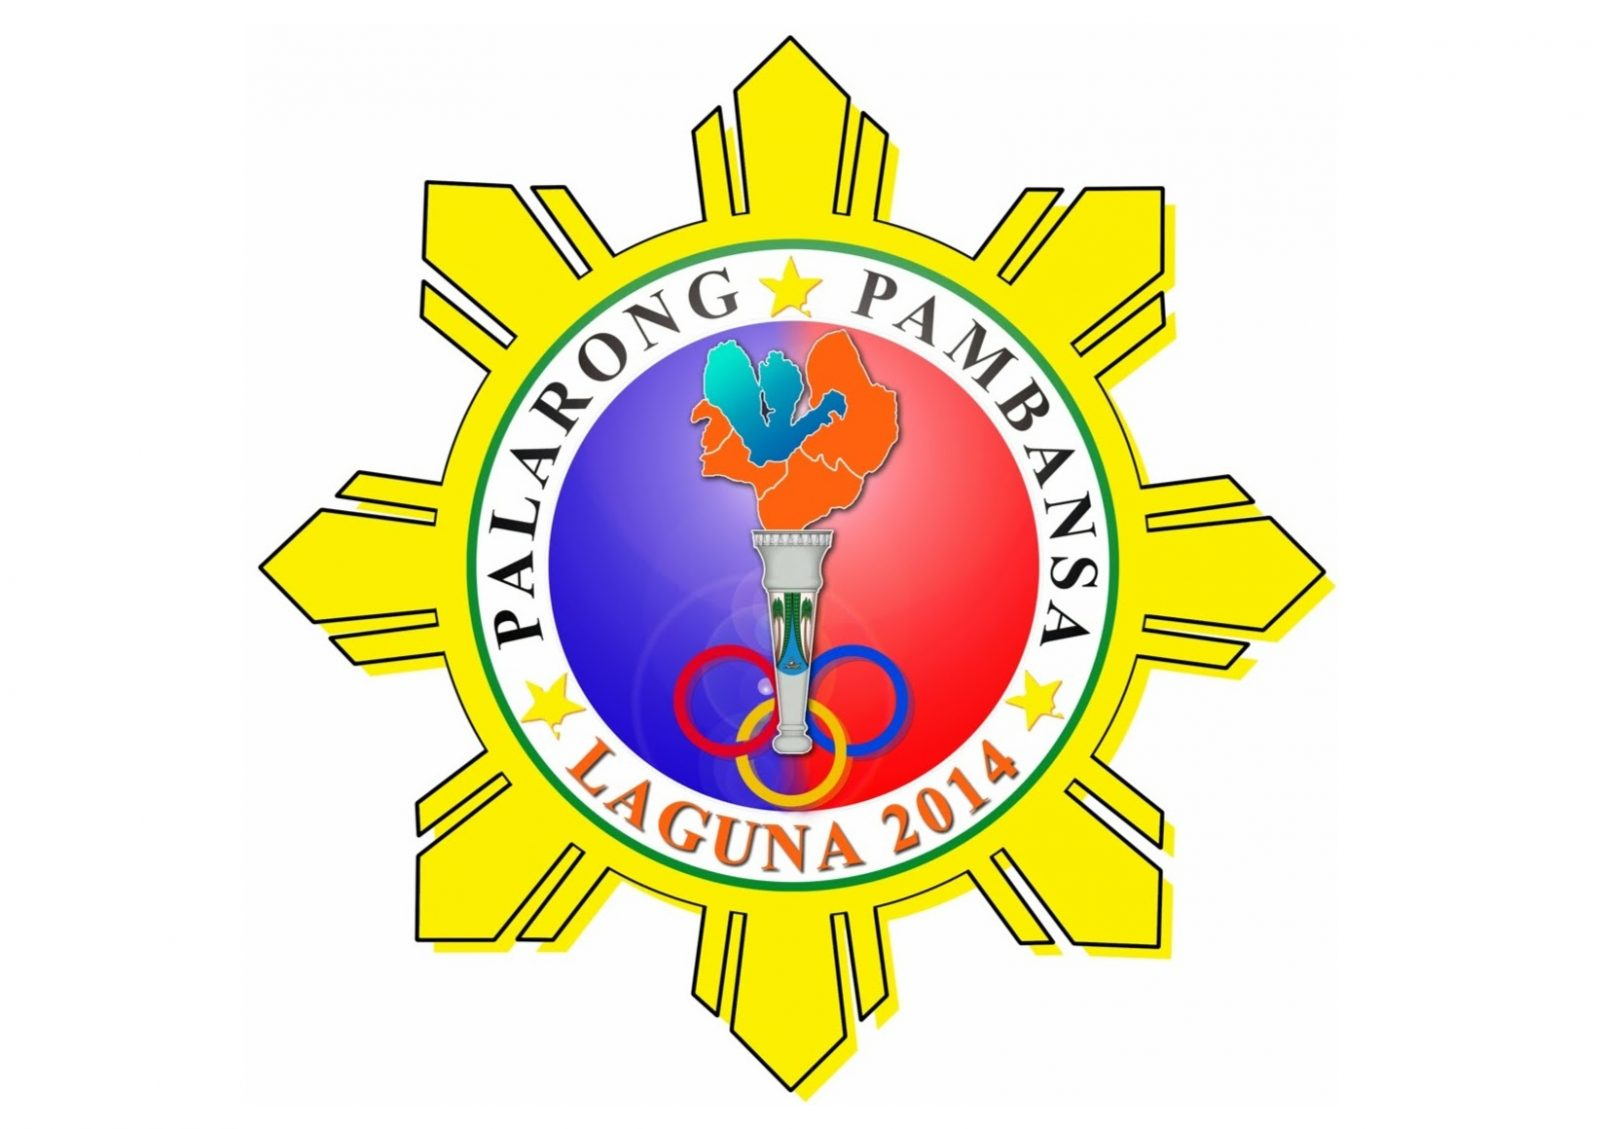 palaro Logo 2014 full